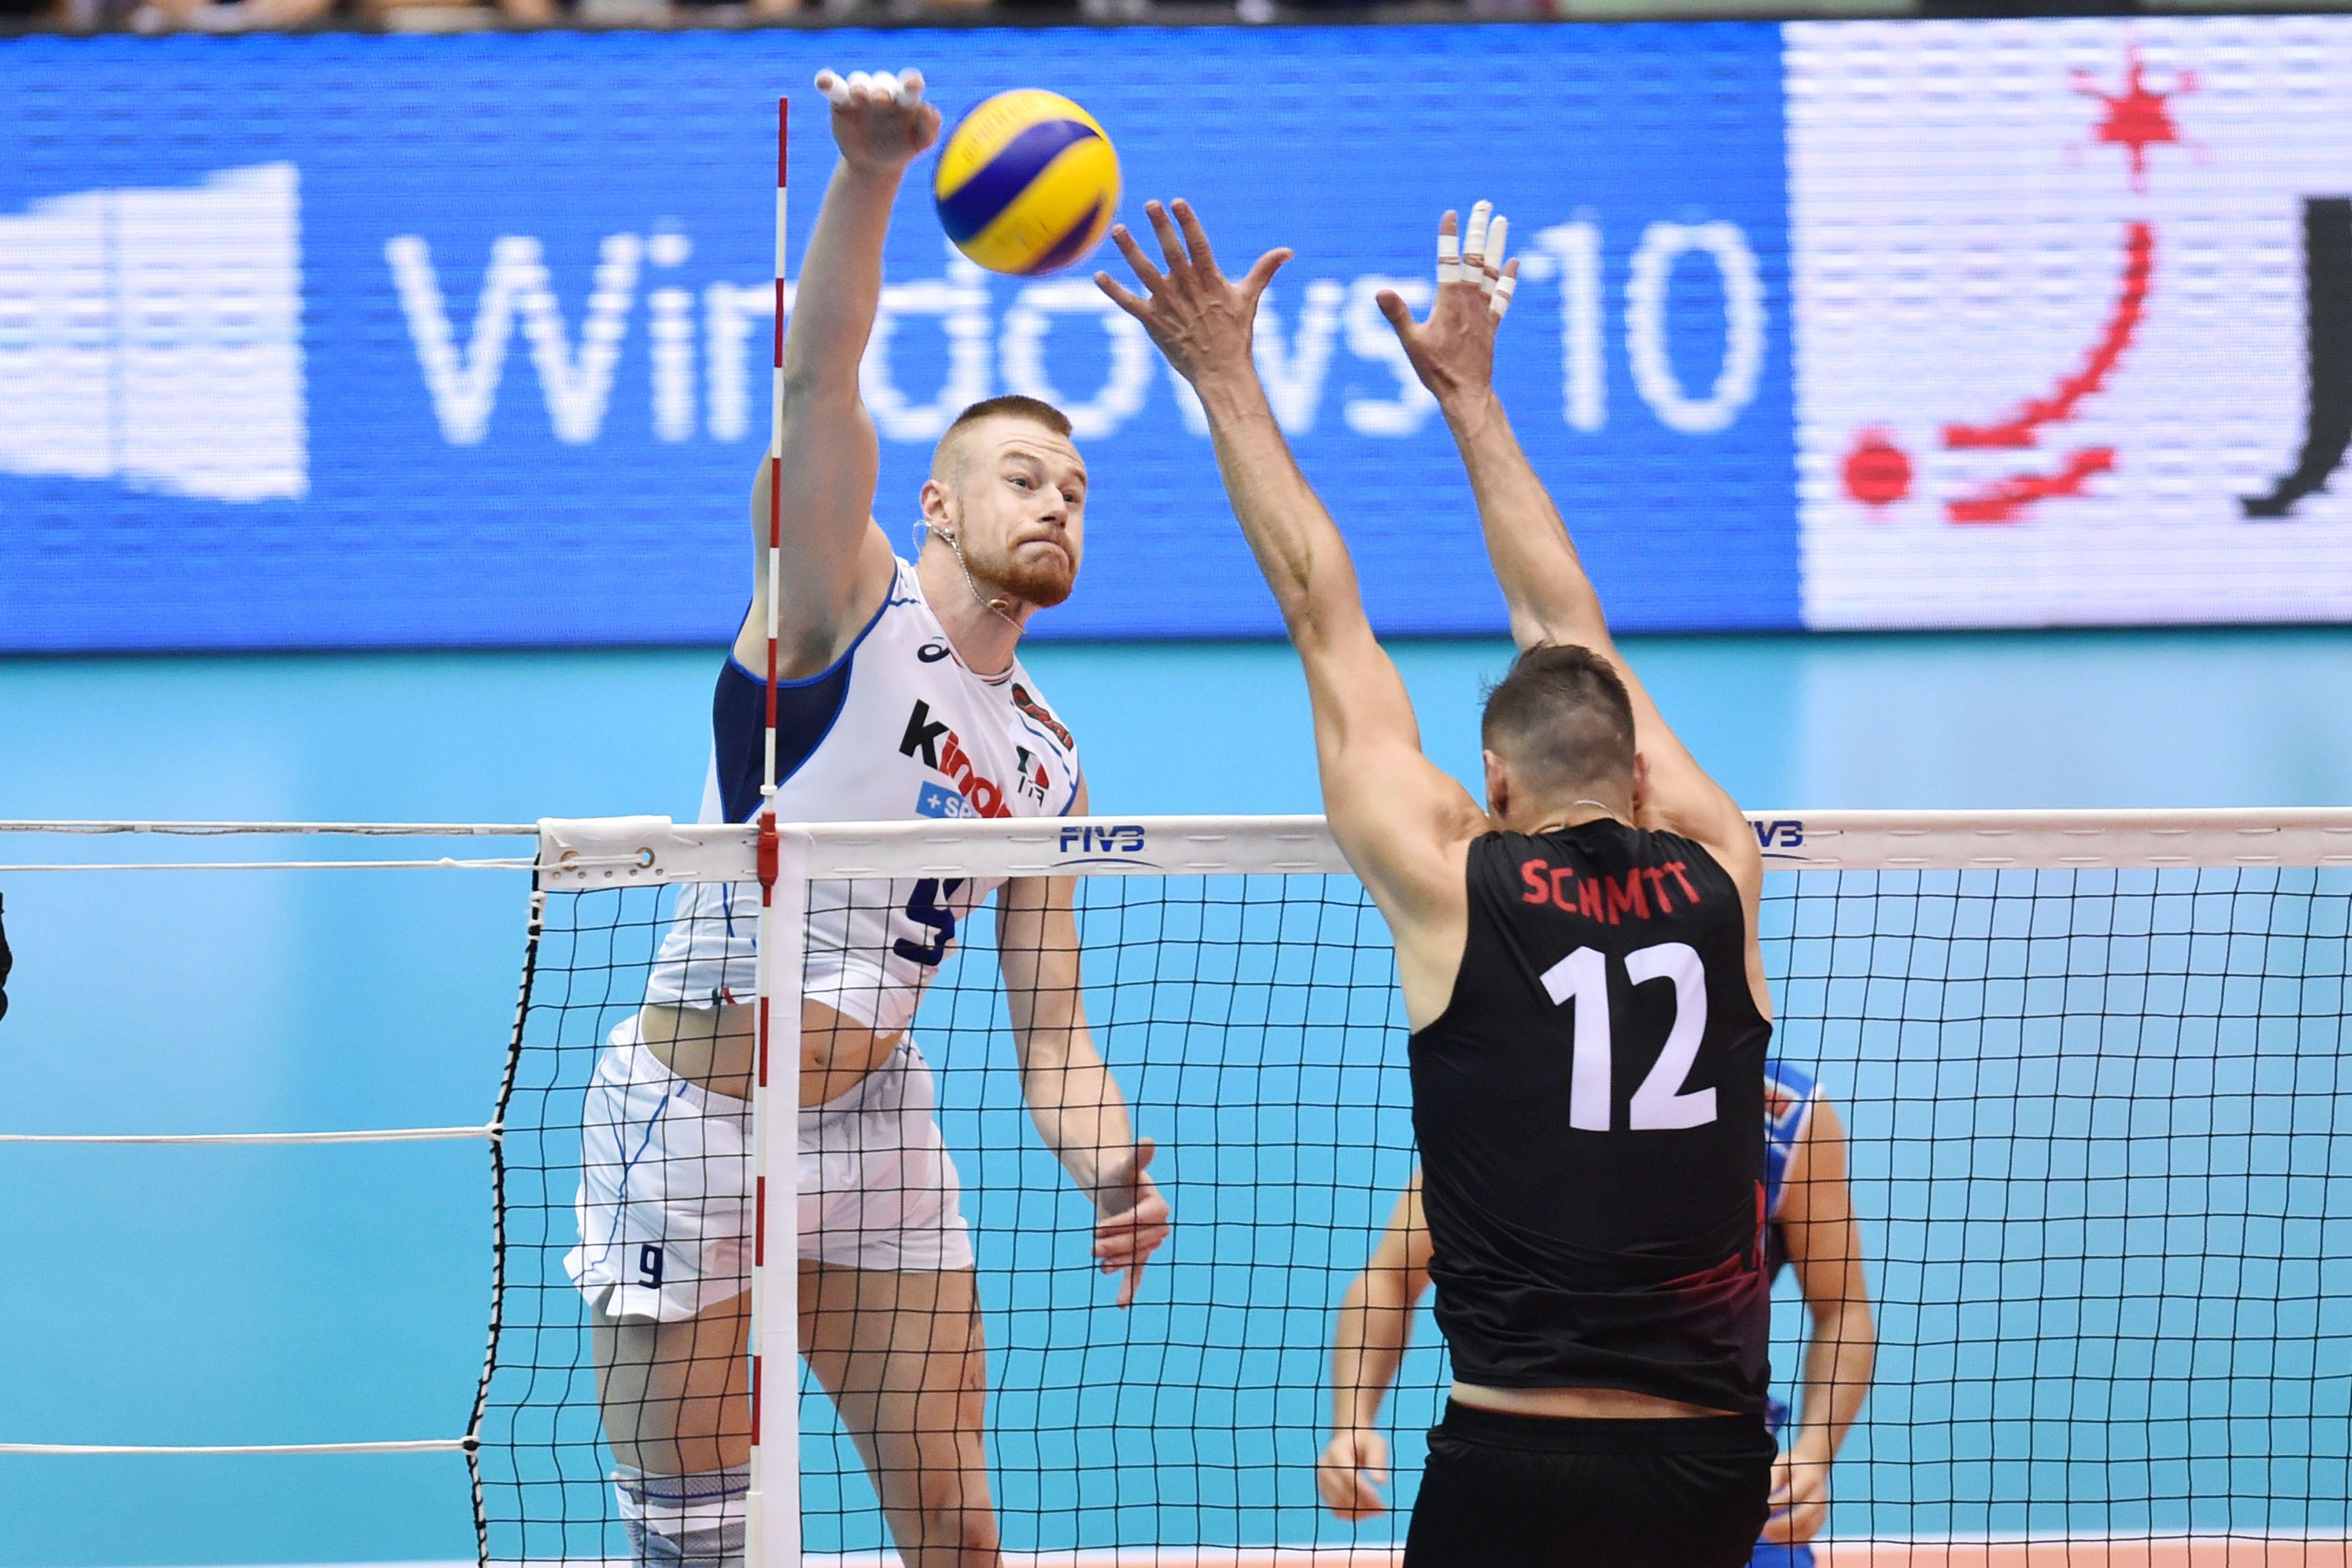 Volleyball World Cup 2019 Final Match